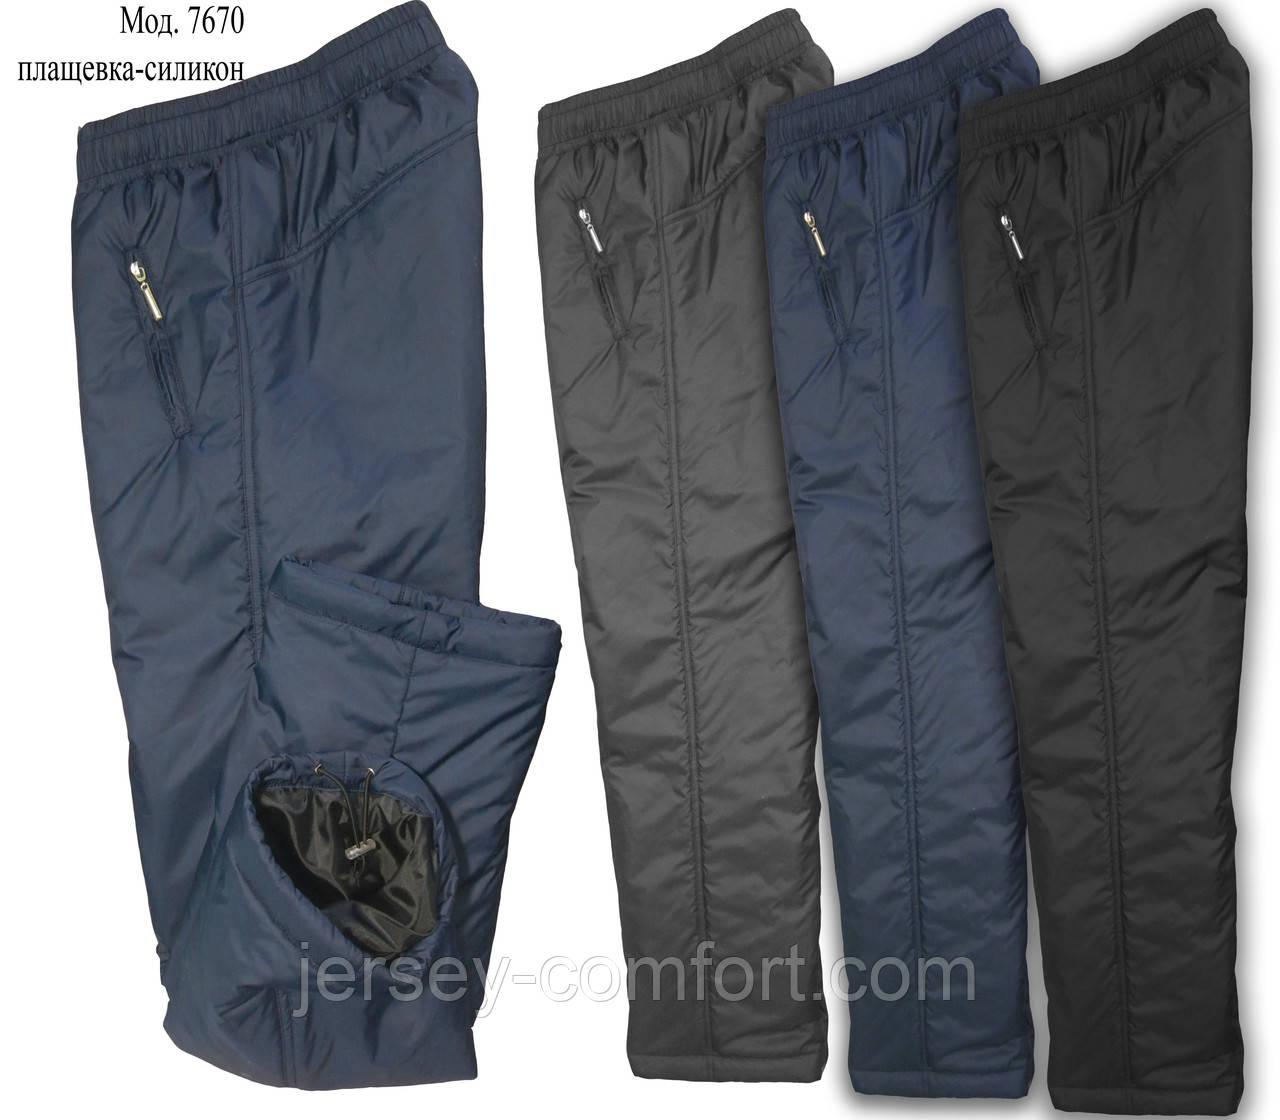 Брюки  Мужские утепленные плащевка (силикон) разные цвета.Зимние брюки